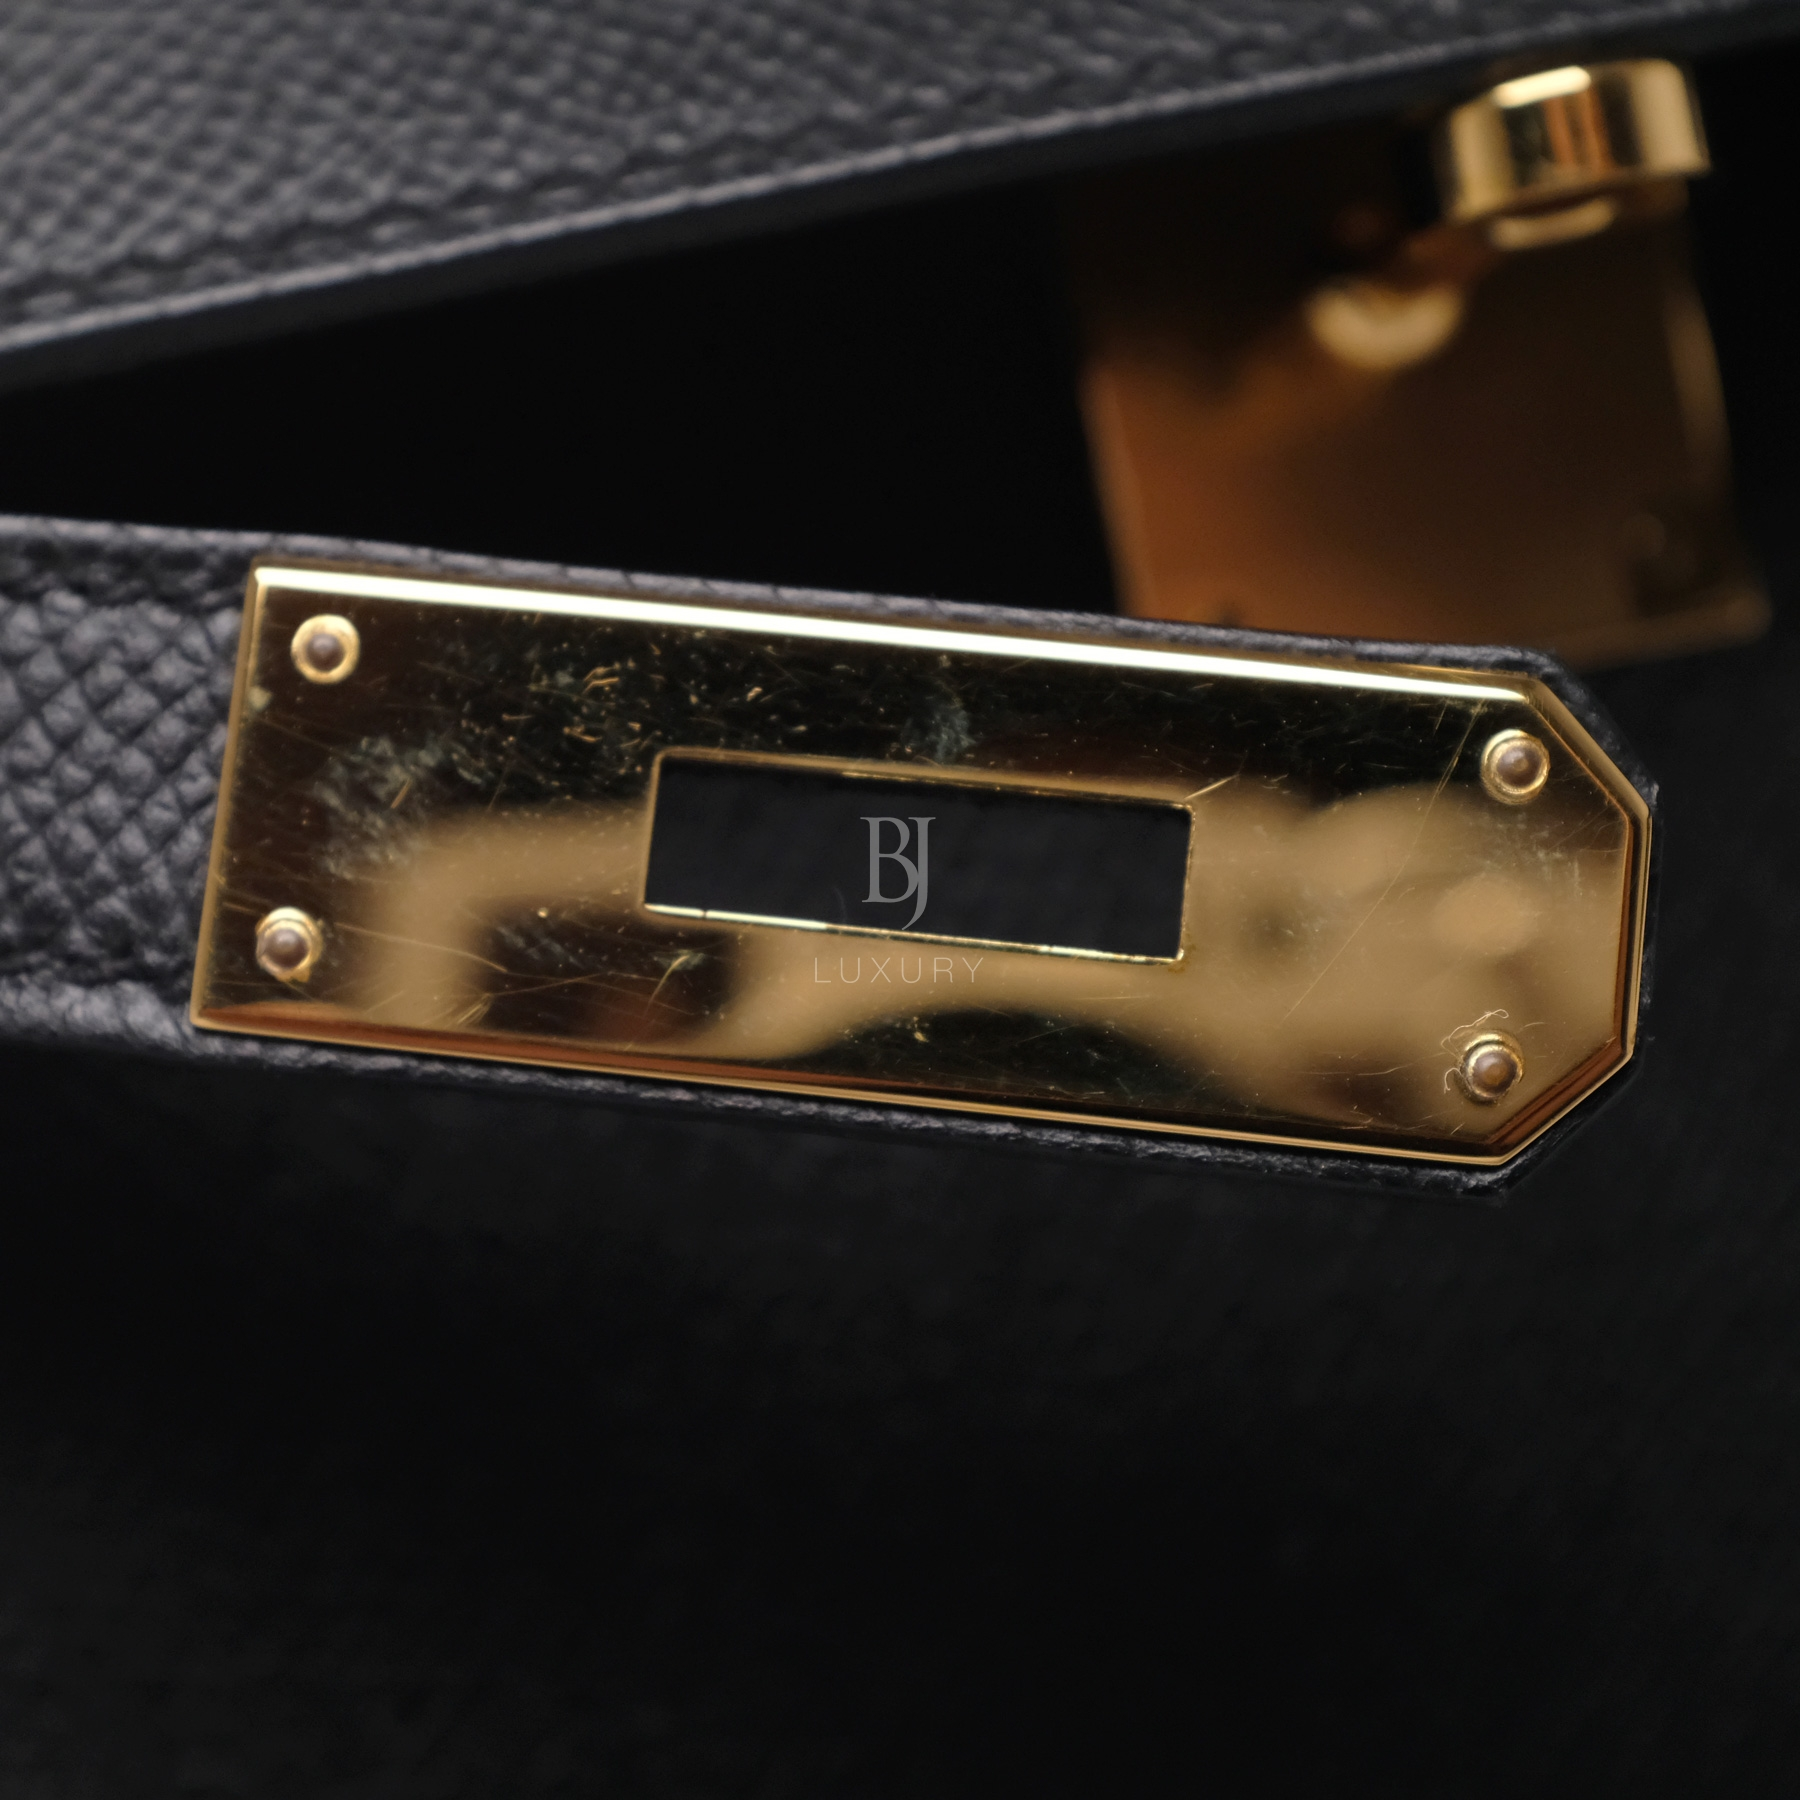 Hermes Kelly Sellier 28 Black Epsom Gold BJ Luxury 3.jpg